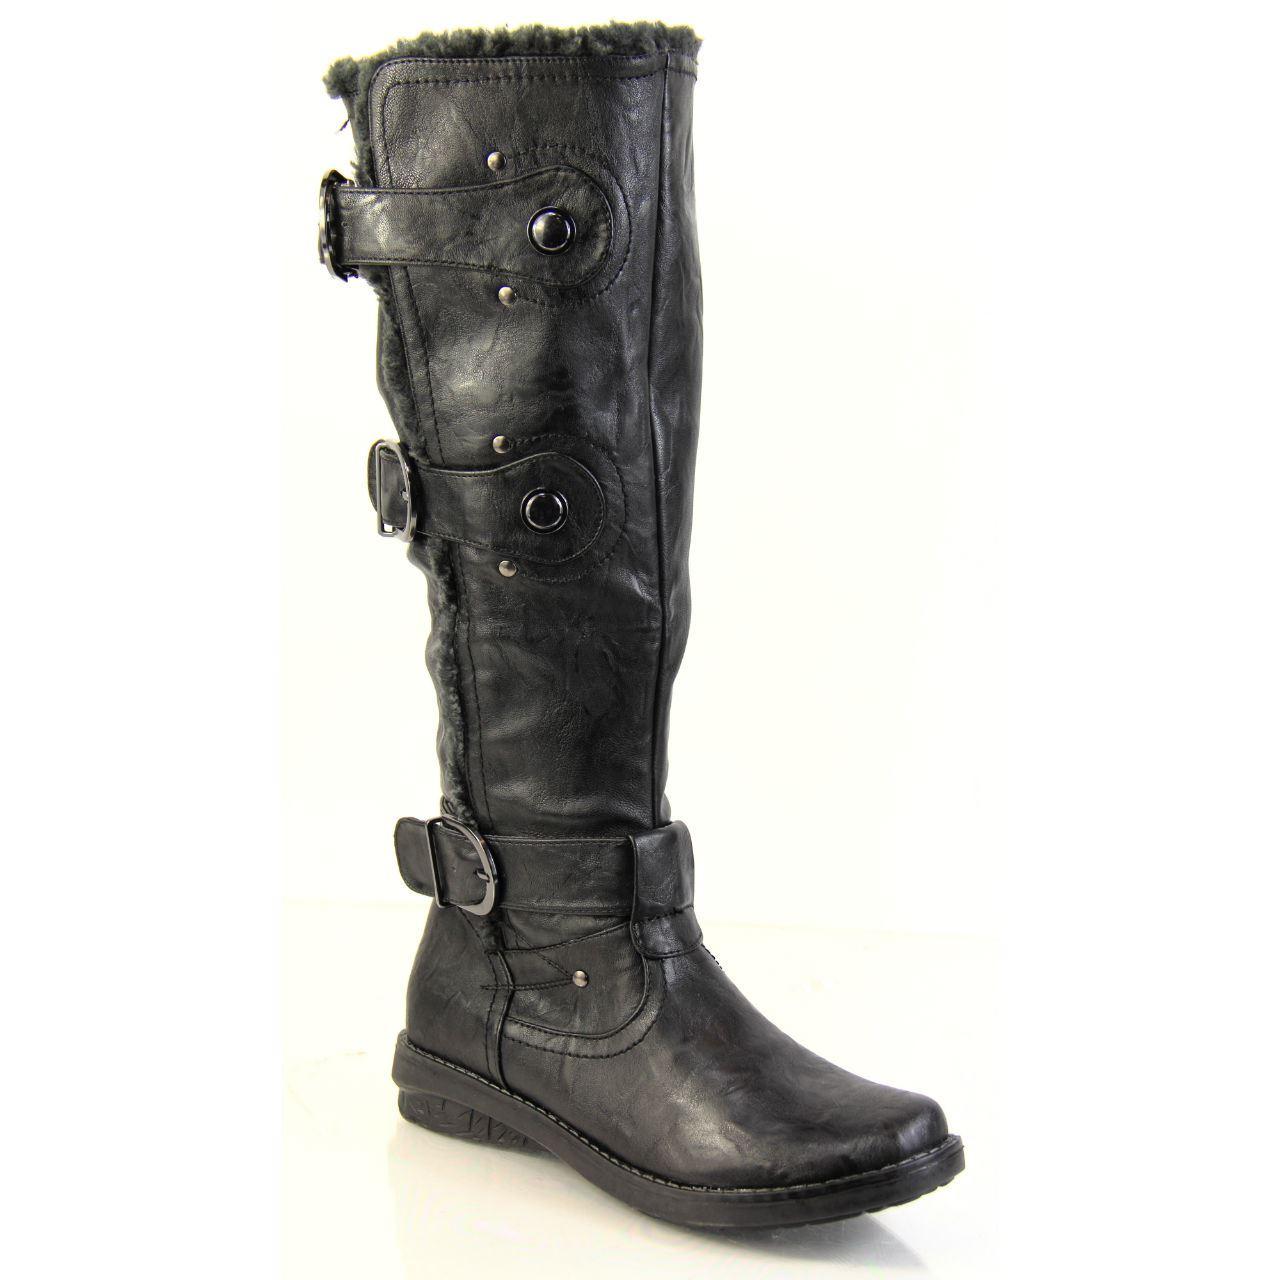 Femme femme zippé en simili cuir mode bottes mi-mollet boucle doublure en fourrure synthétique